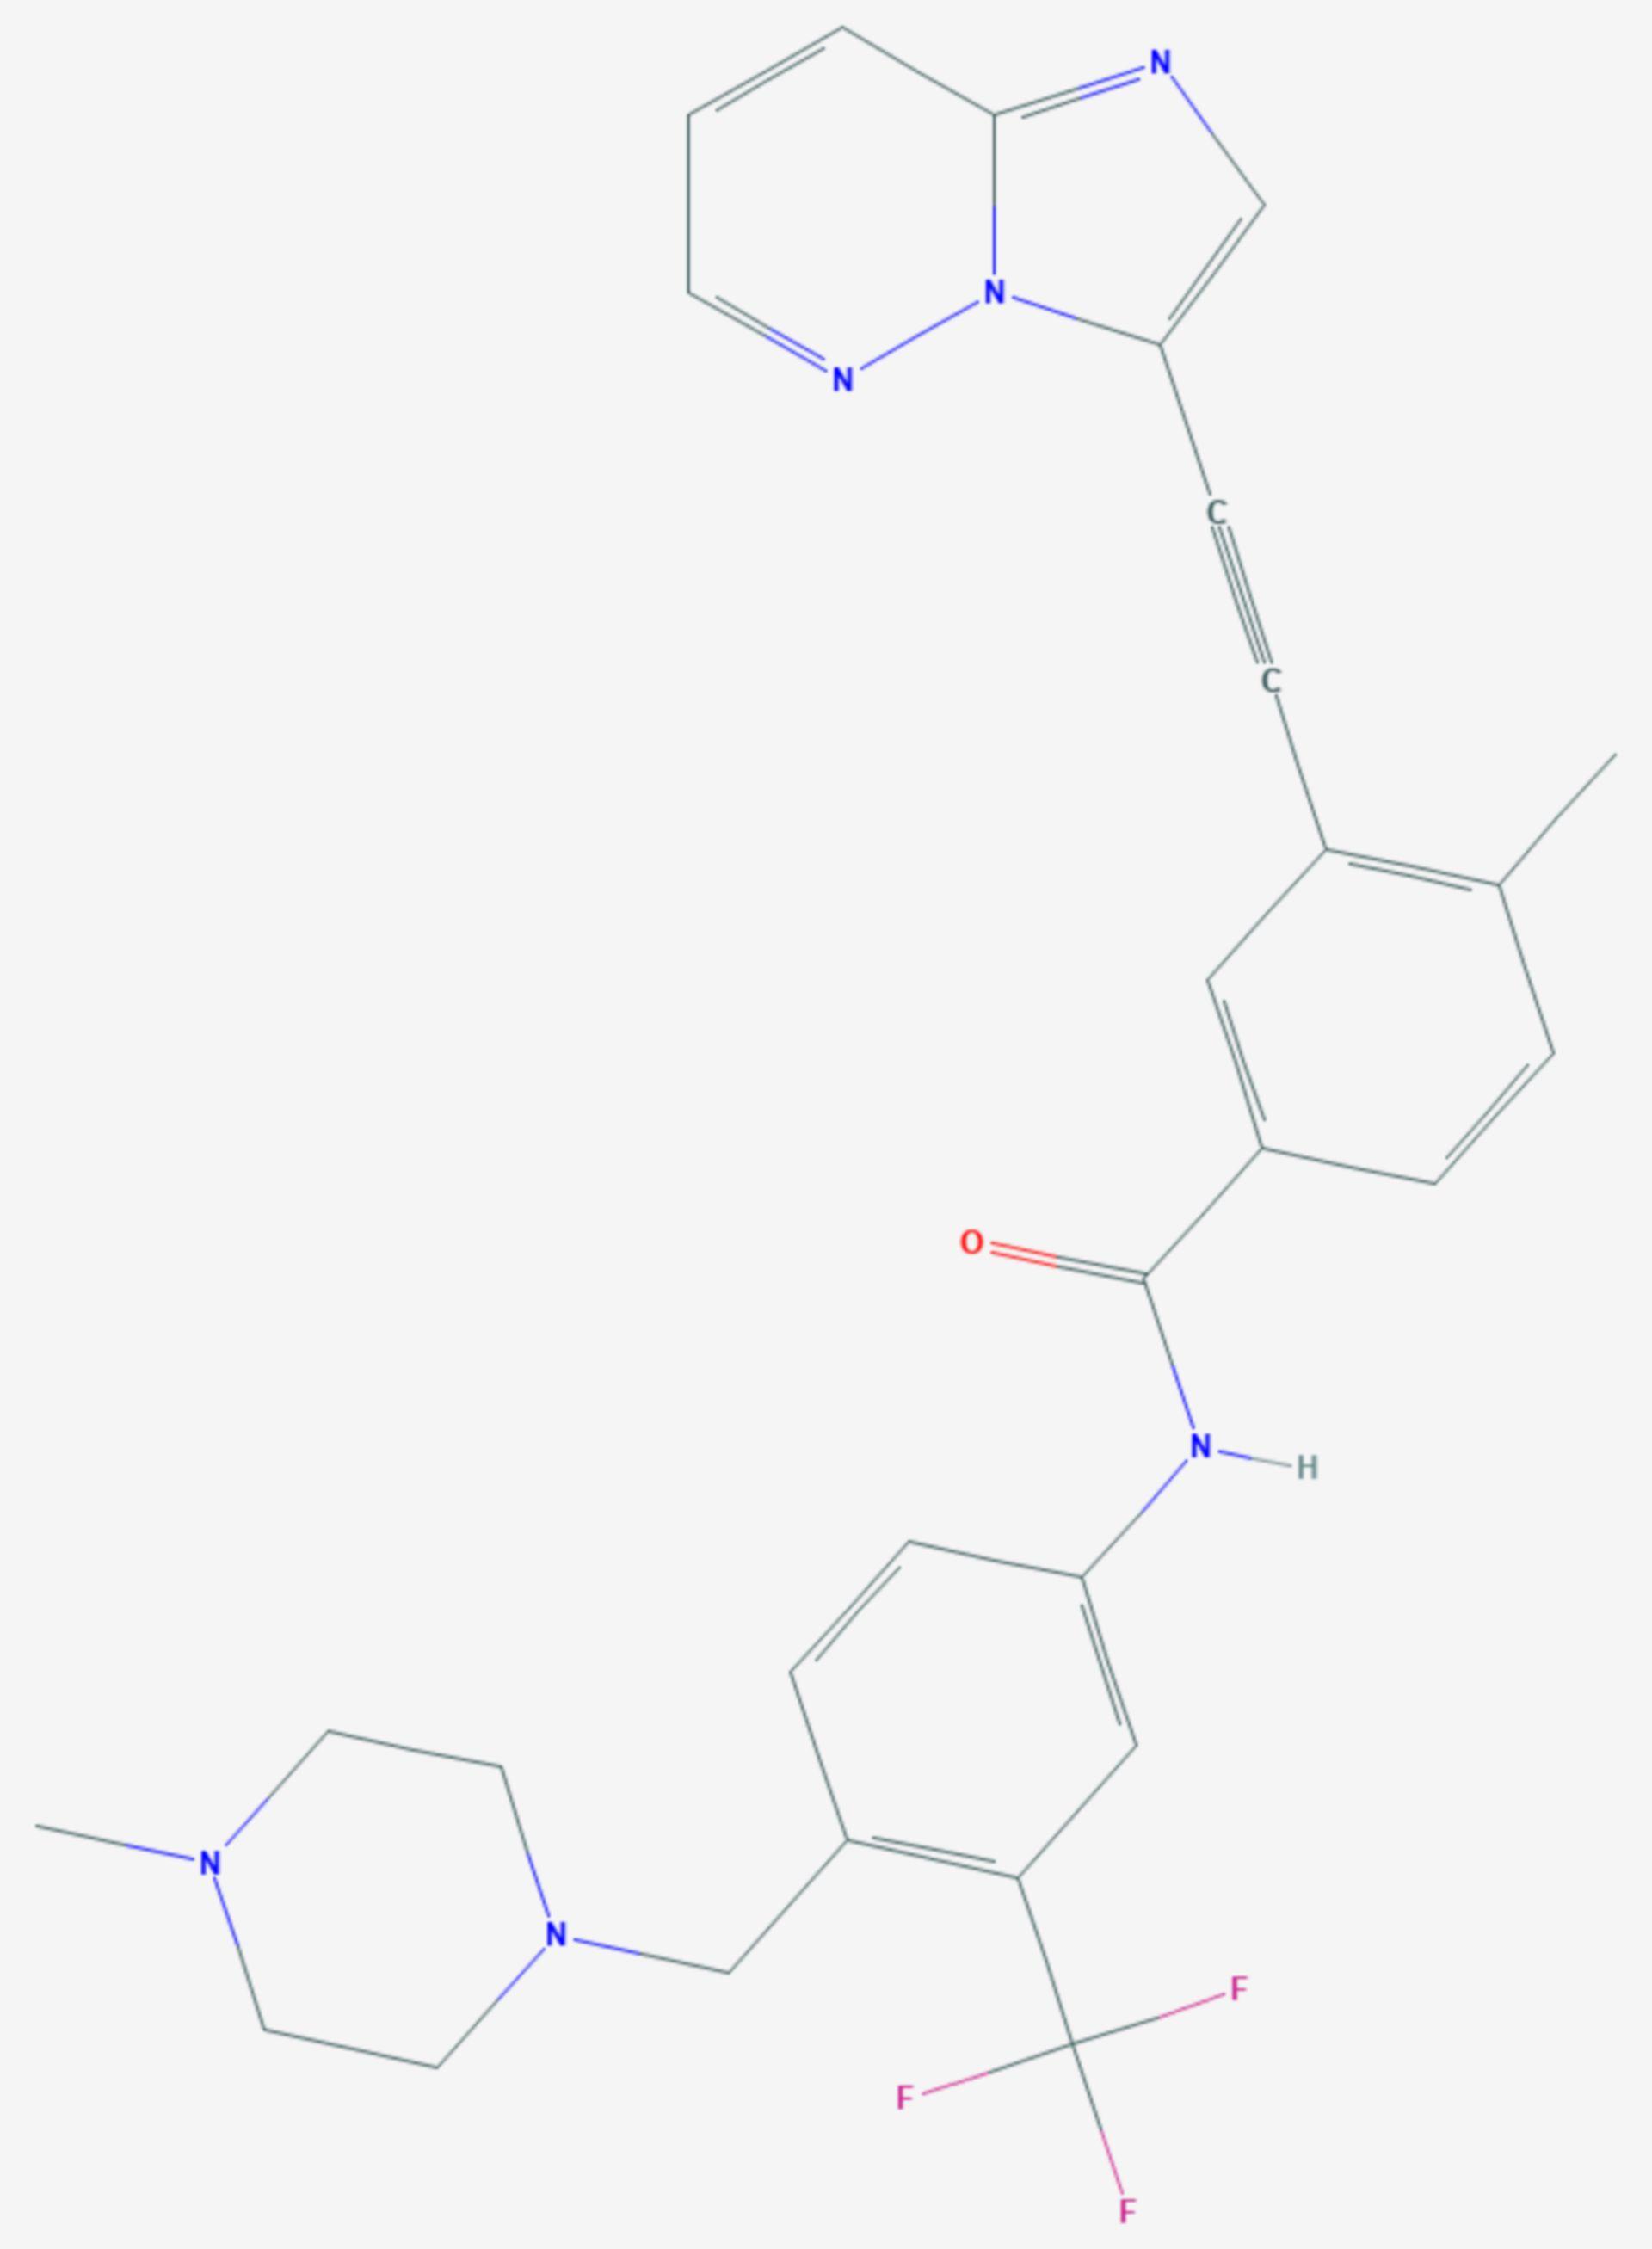 Ponatinib (Strukturformel)